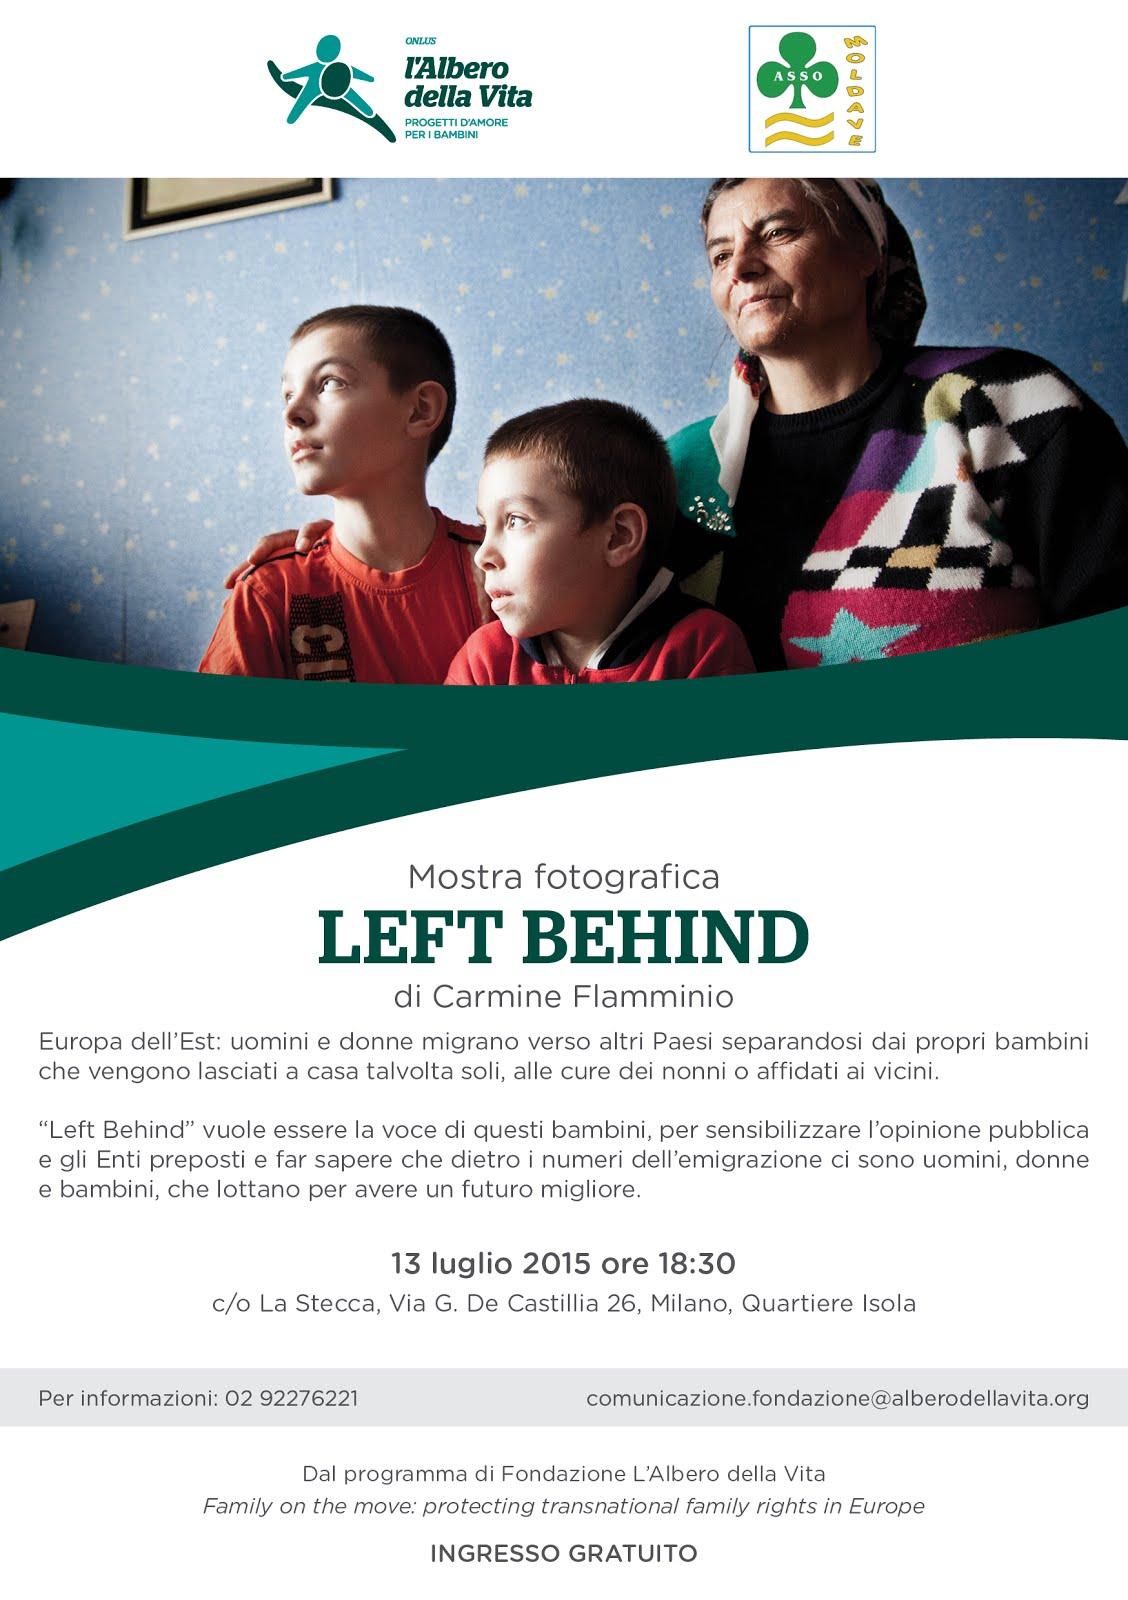 """MILANO: Mostra fotografica """"Left Behind""""  di C. Flamminio - ambientata tra la Moldavia e l'Italia"""